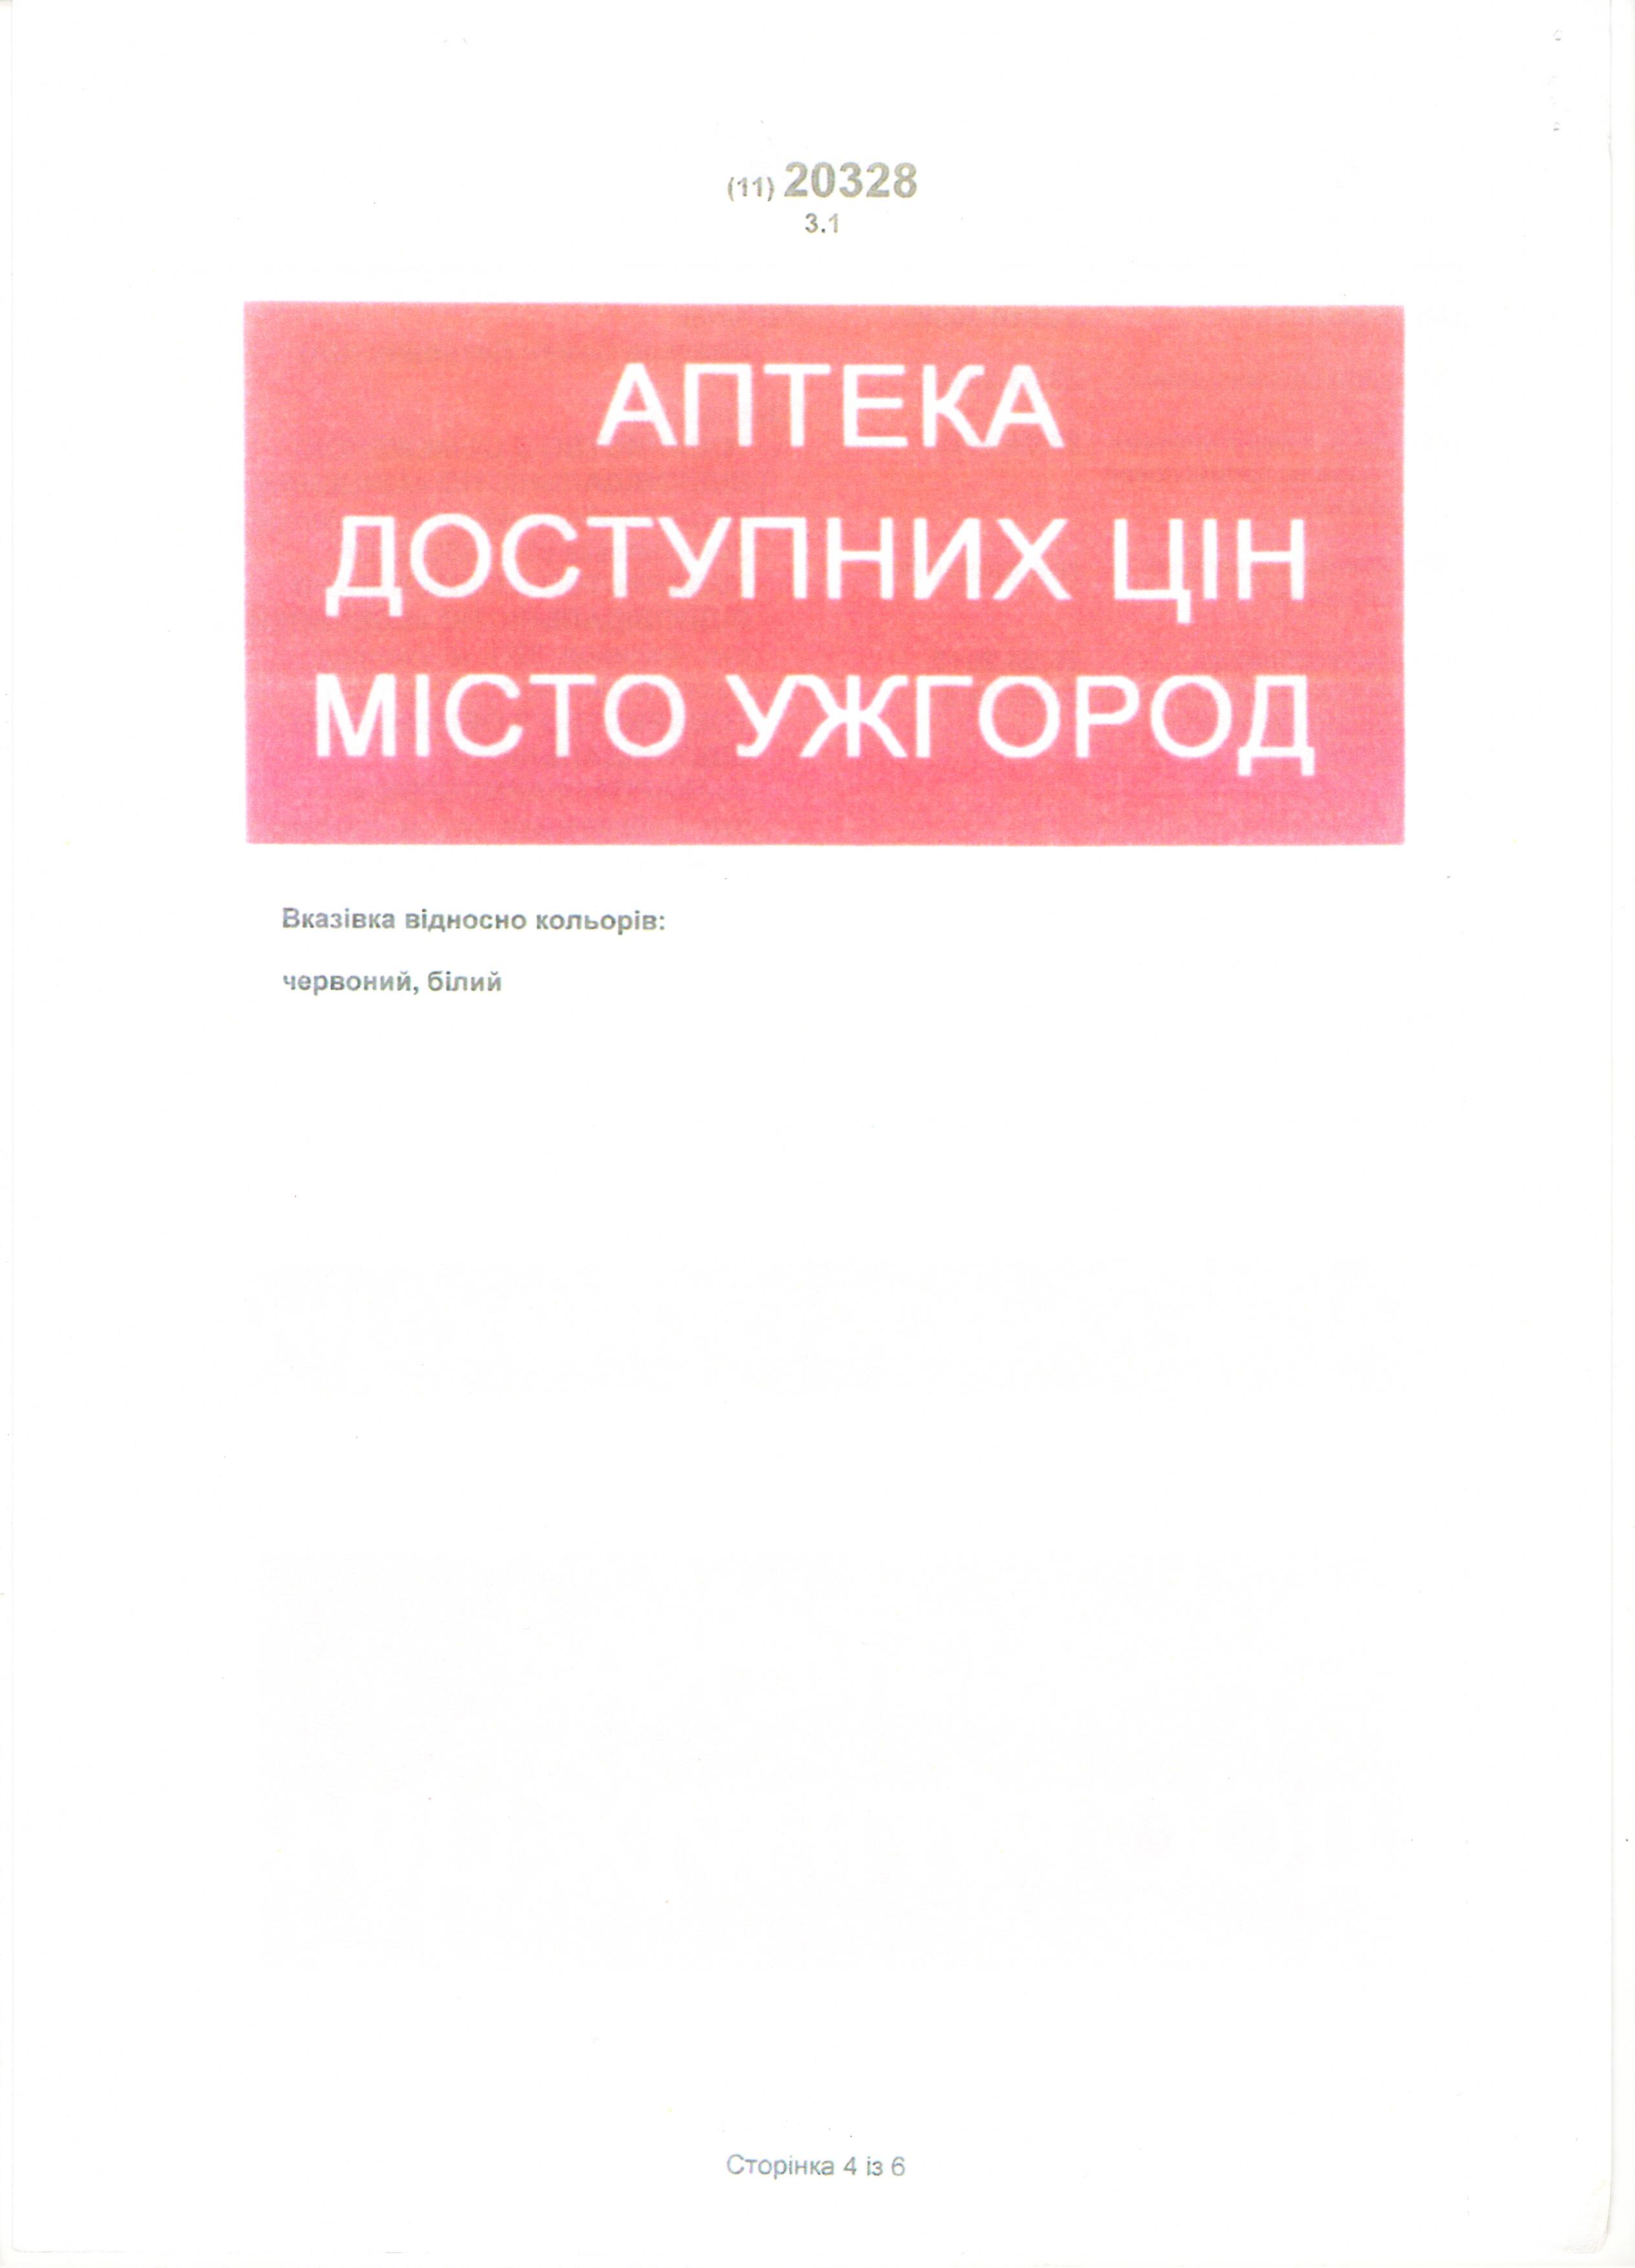 «Аптека доступних цін» продається право власності на ТМ та промисловий зразок (вивіску)